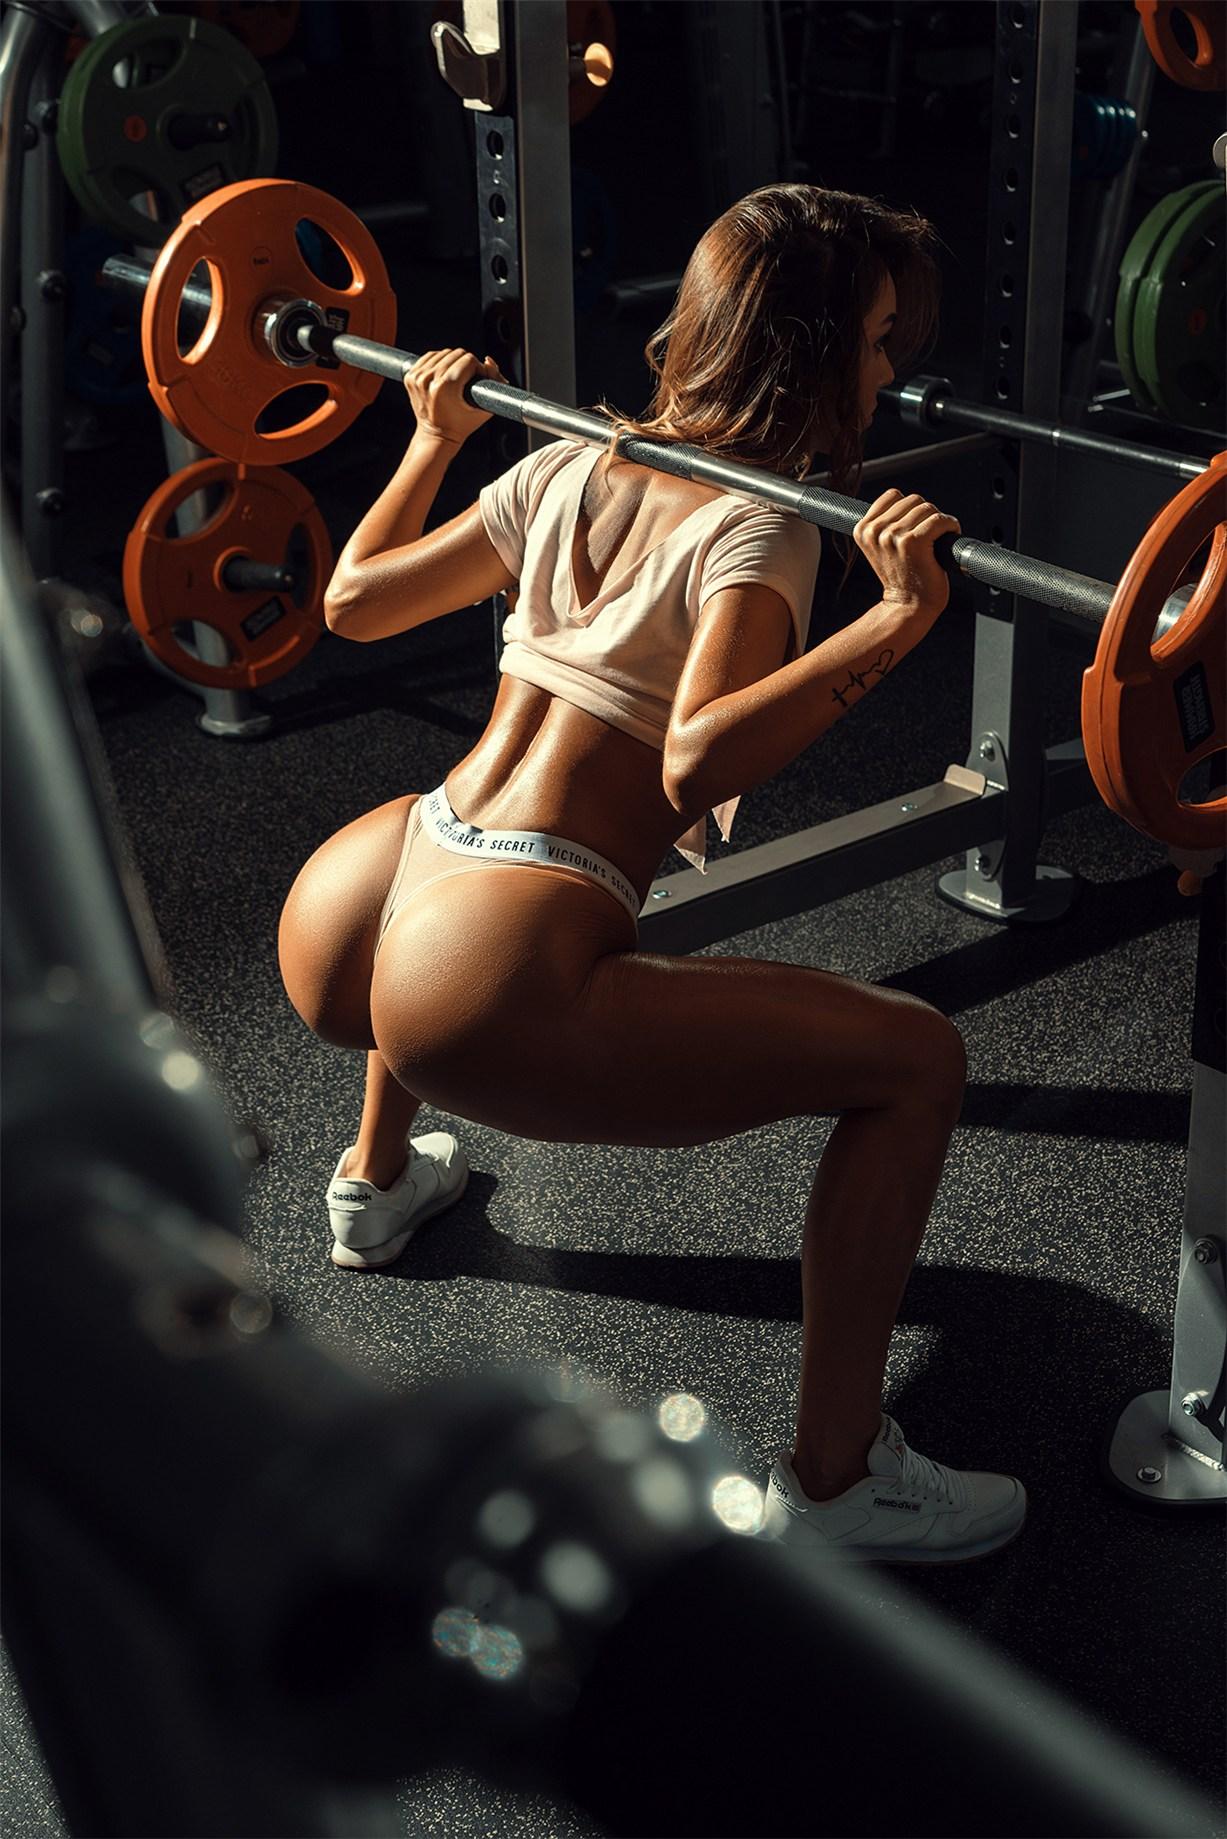 Strong girl / Anastasiia Svirid by Arthur Kaplun